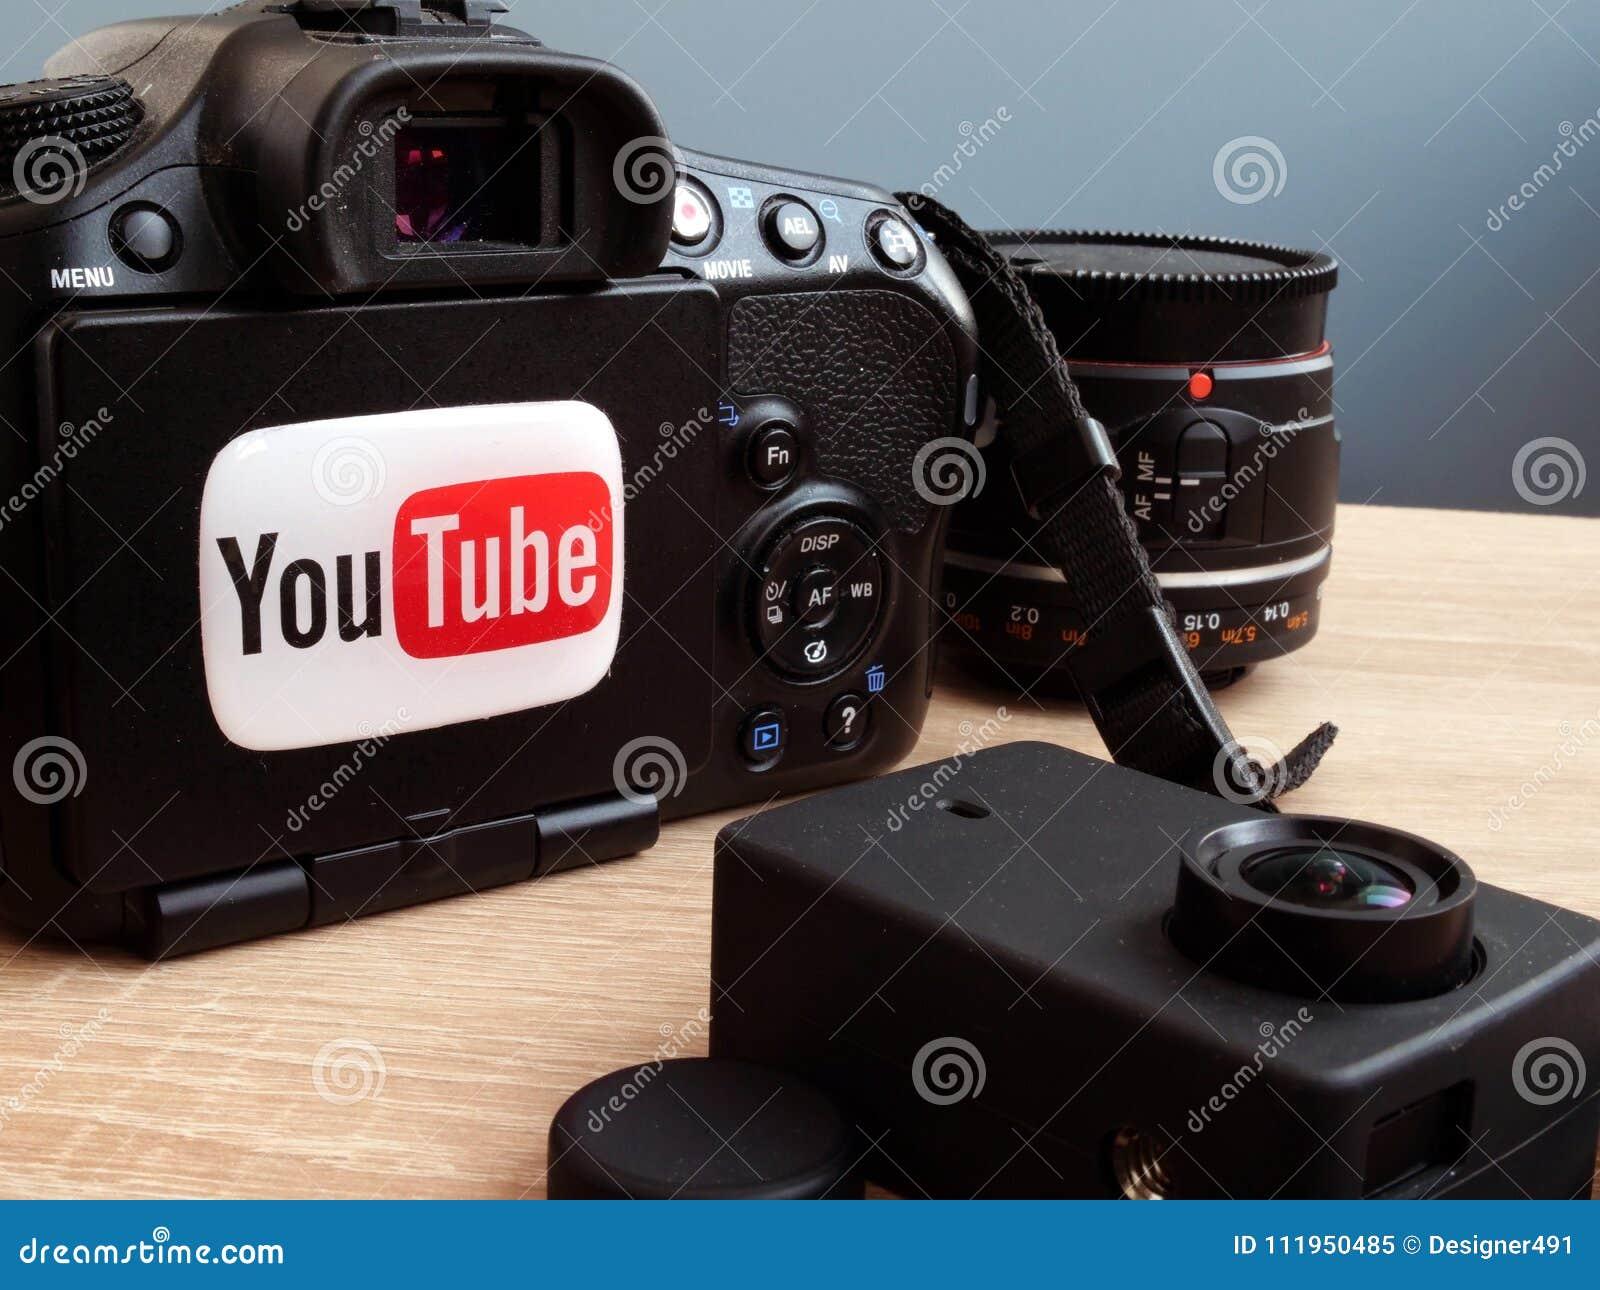 4 mars 2018 Kyiv l ukraine Logo de YouTube sur un appareil-photo Concept visuel blogging ou de vlogs